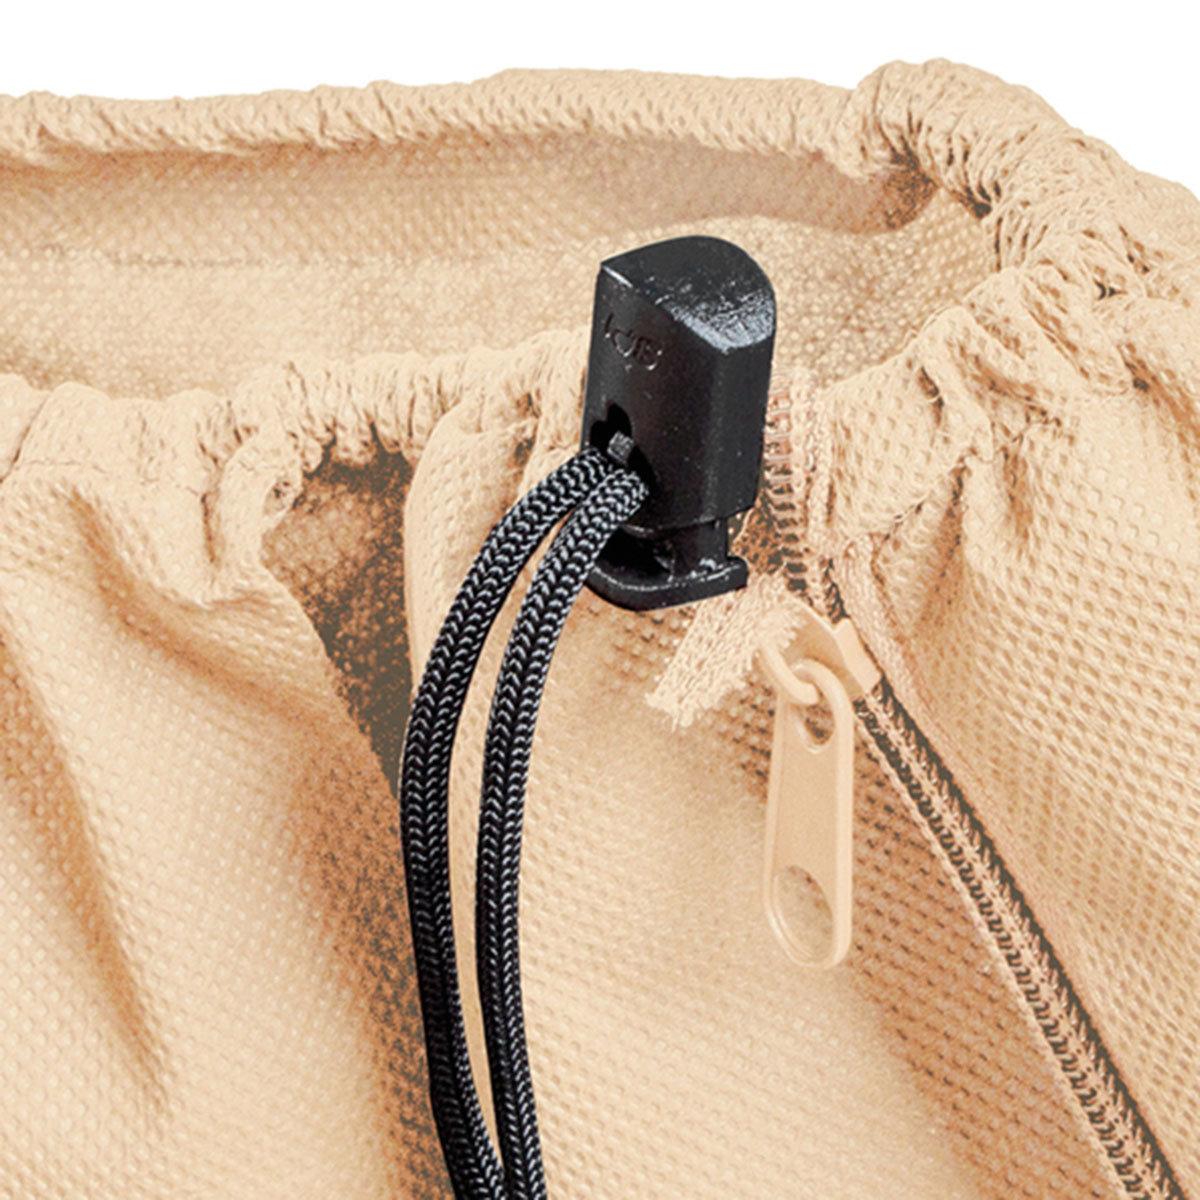 Kübelpflanzen-Sack, 180x120 cm | #8